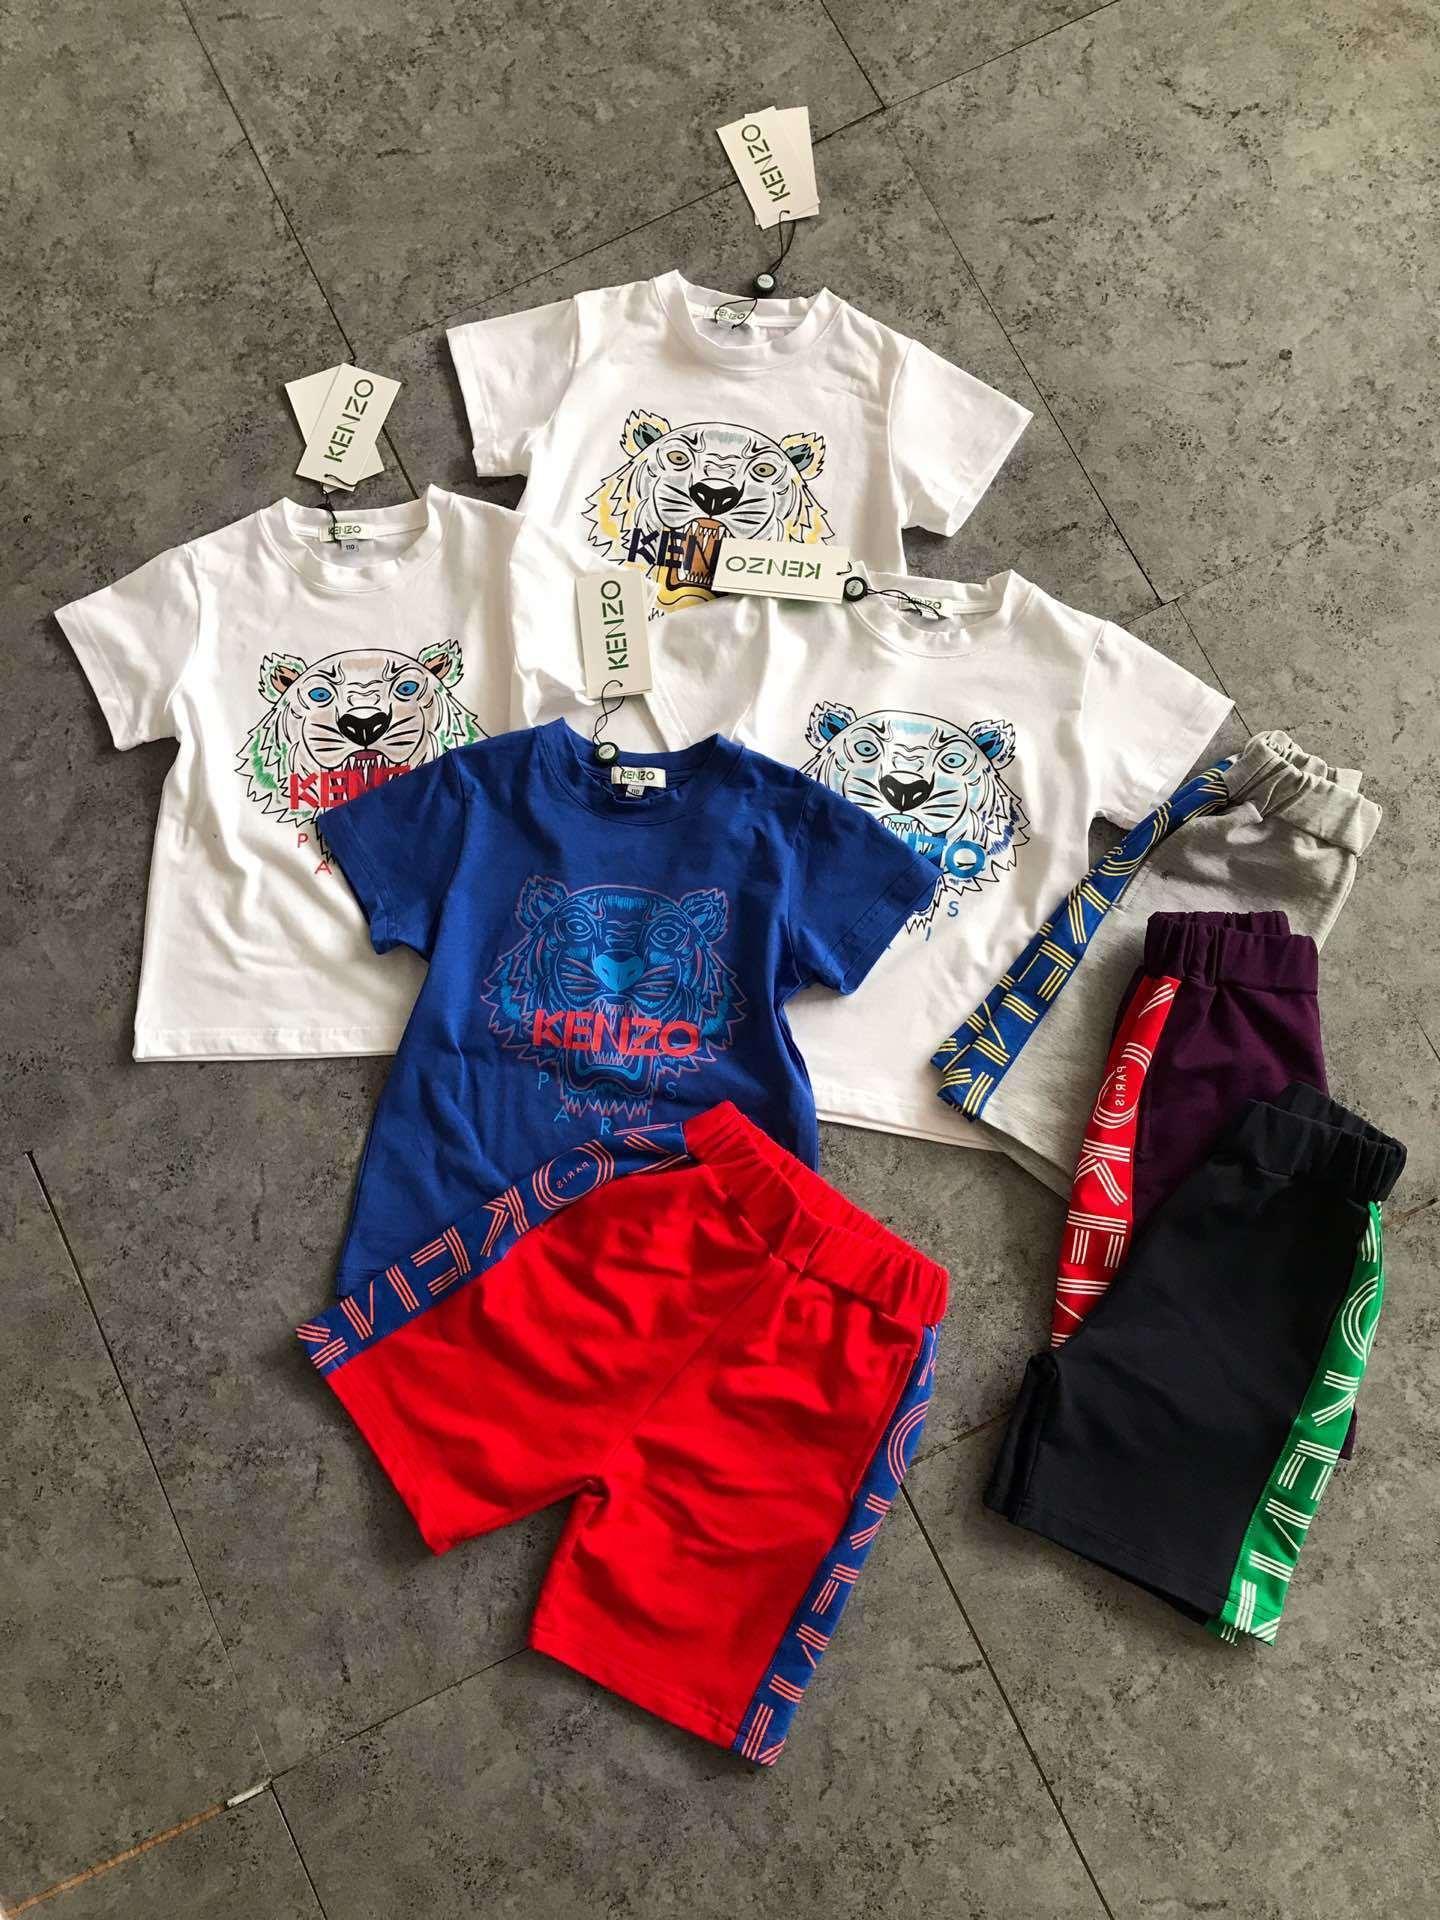 2477fb5f8e106 Acheter Zip Sweat À Capuche Automne Et Robe Vêtement Enfant Enfant Costume  De Luxe Costume Zipper Chapeau Est Lettre Classique Fonds Bébé Ensemble De  ...